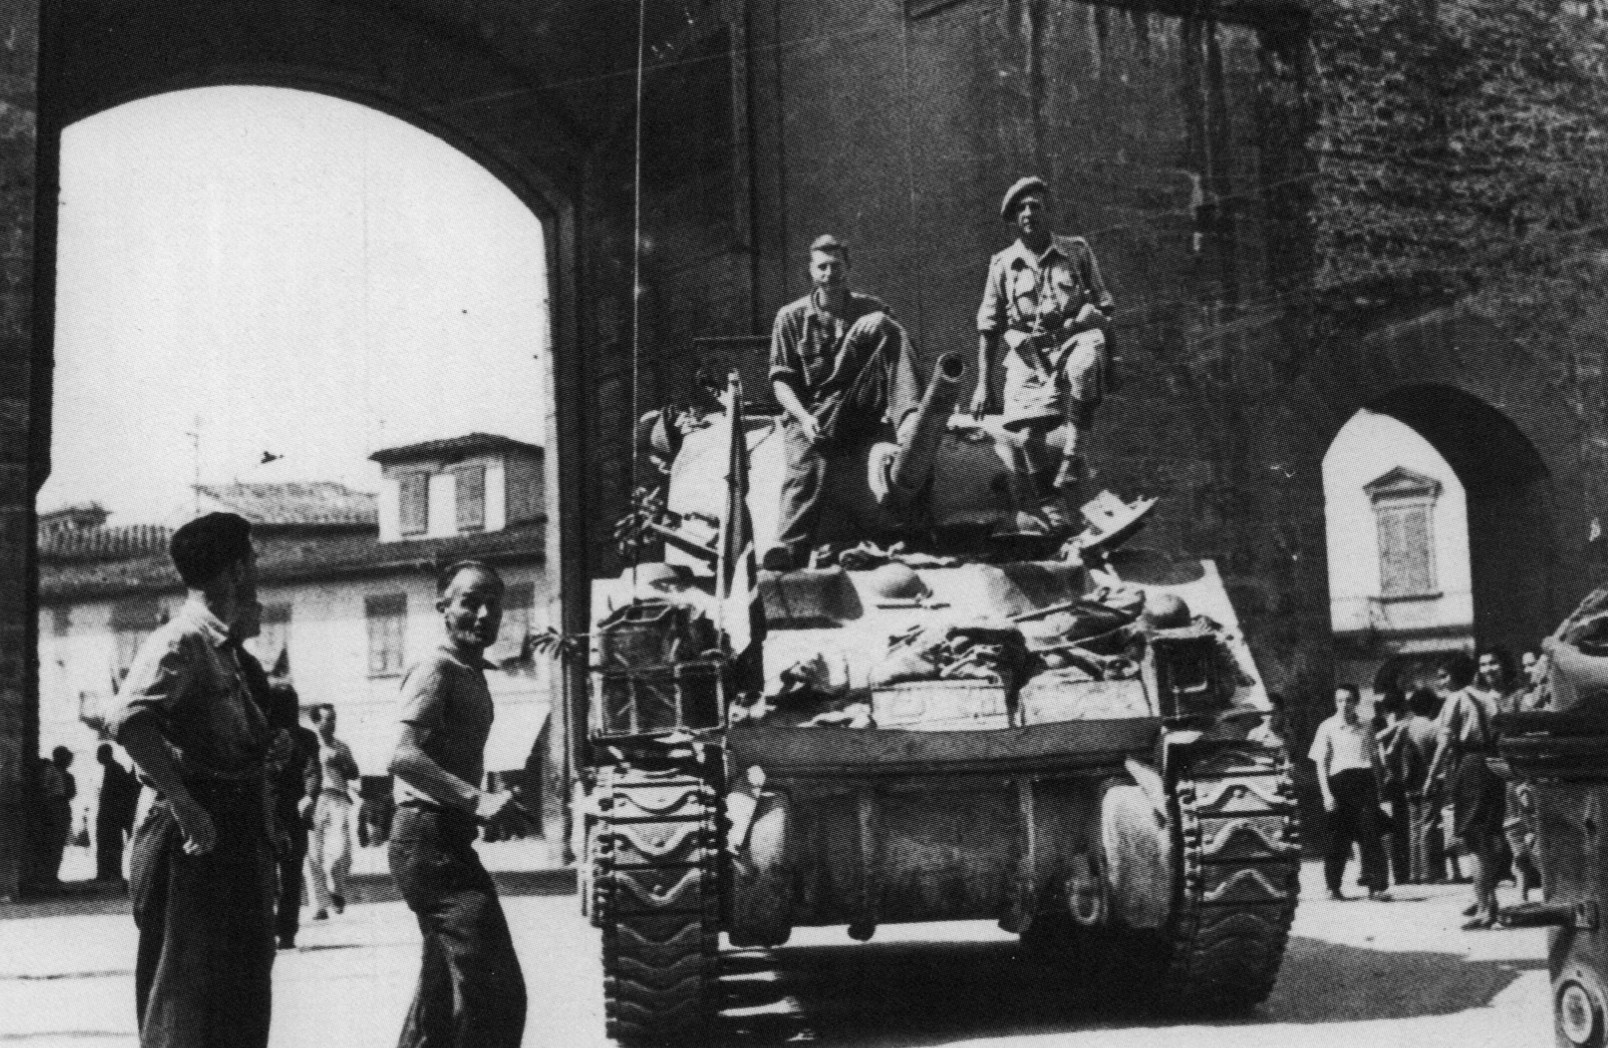 soldati su ponte vecchio